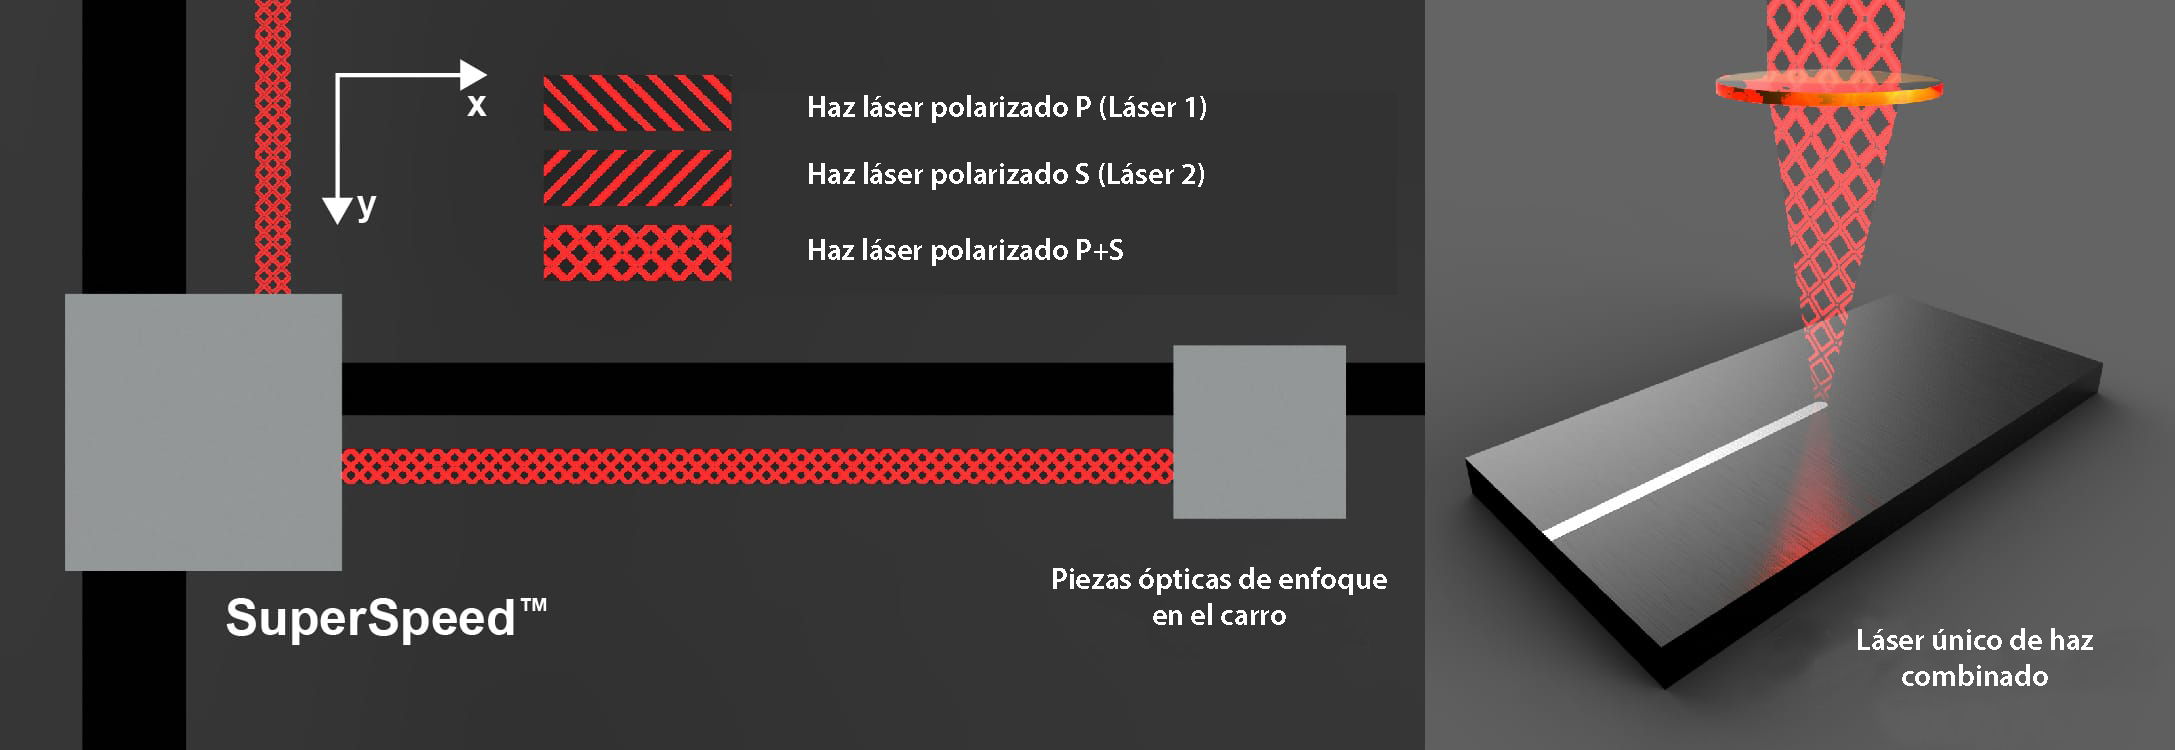 Láser único de haz combinado SuperSpeed